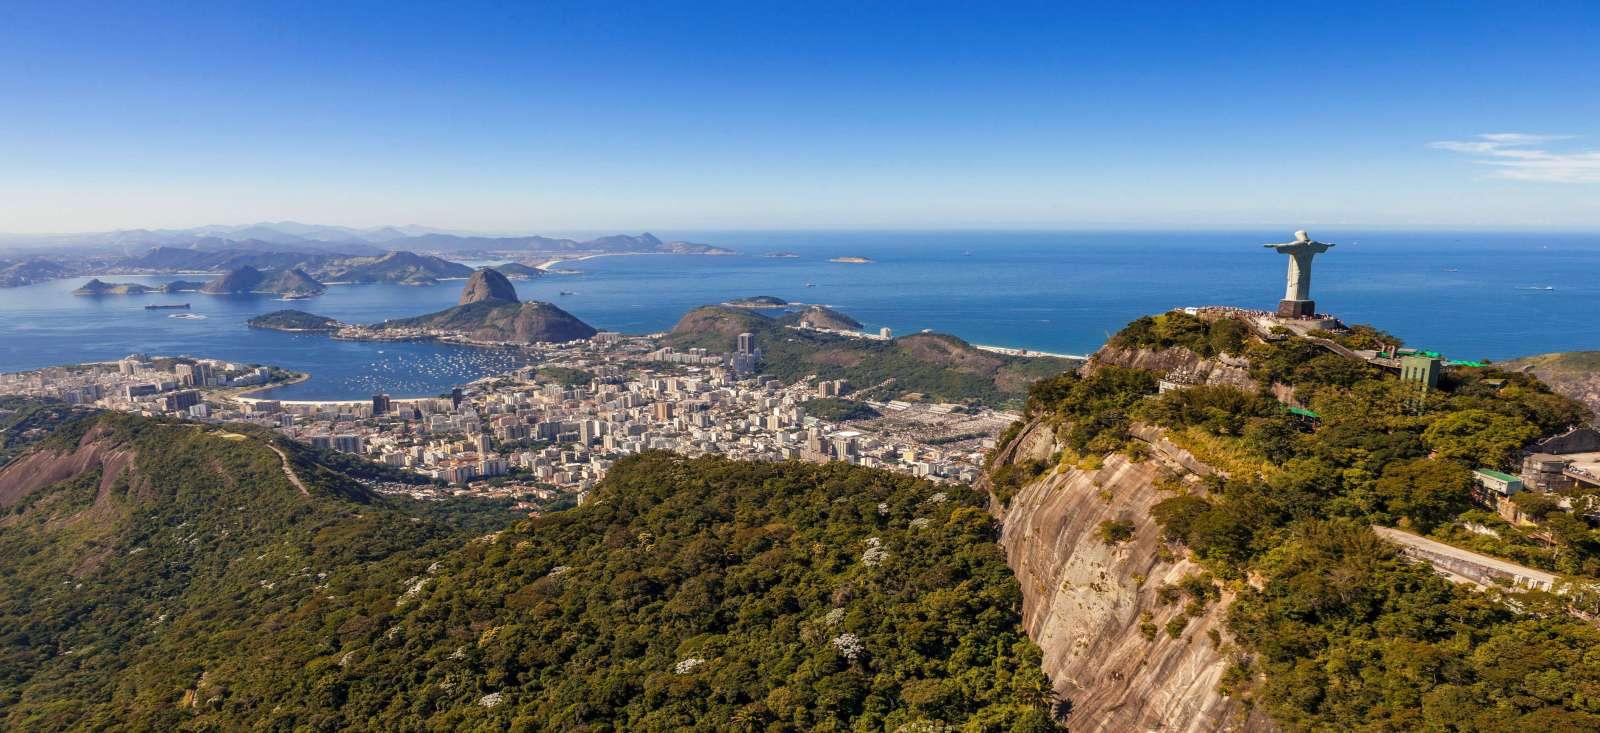 Voyage à pied : Les 4 joyaux du Brésil